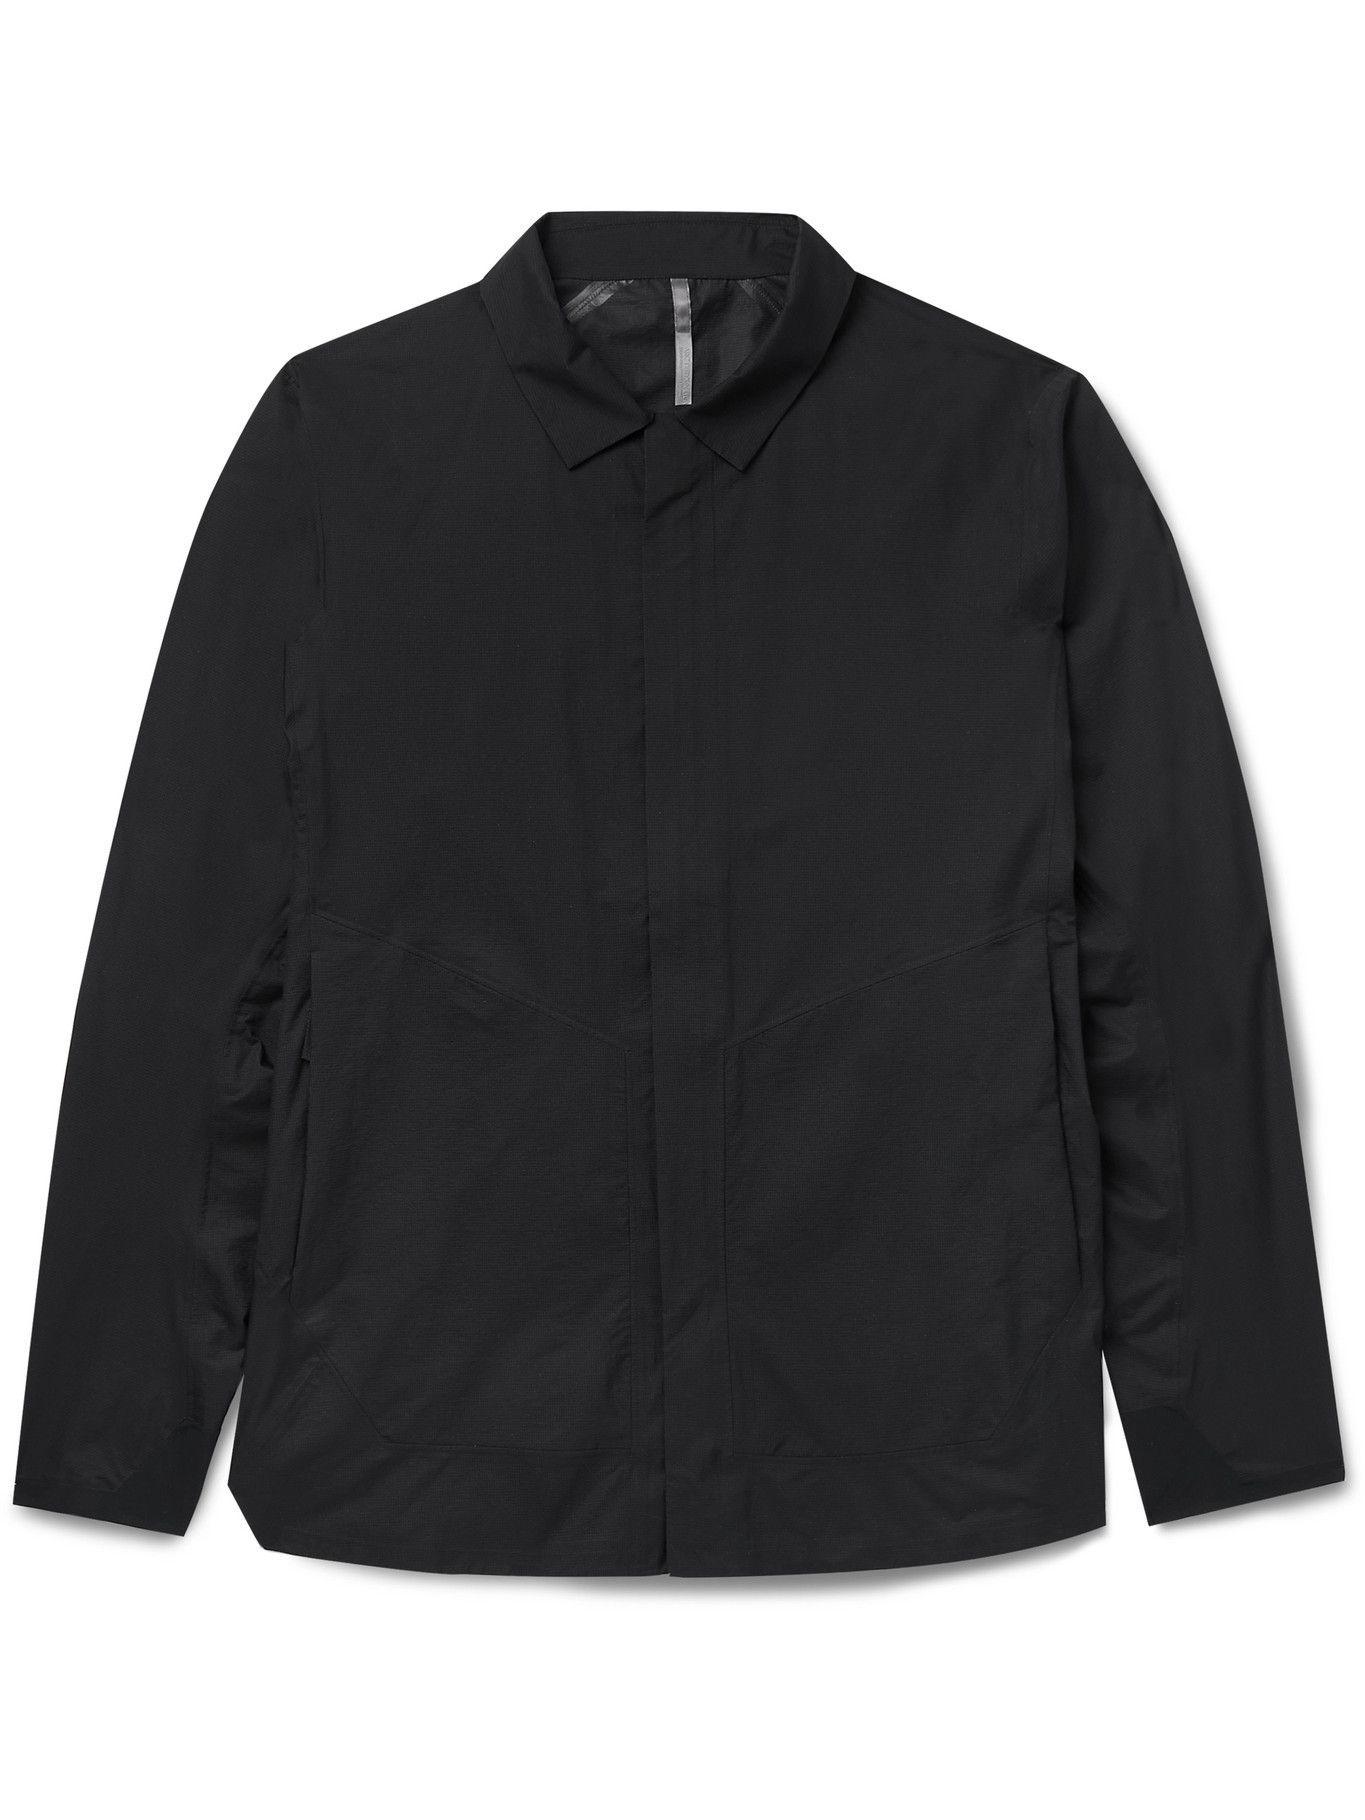 VEILANCE - Demlo SL Ripstop Jacket - Black